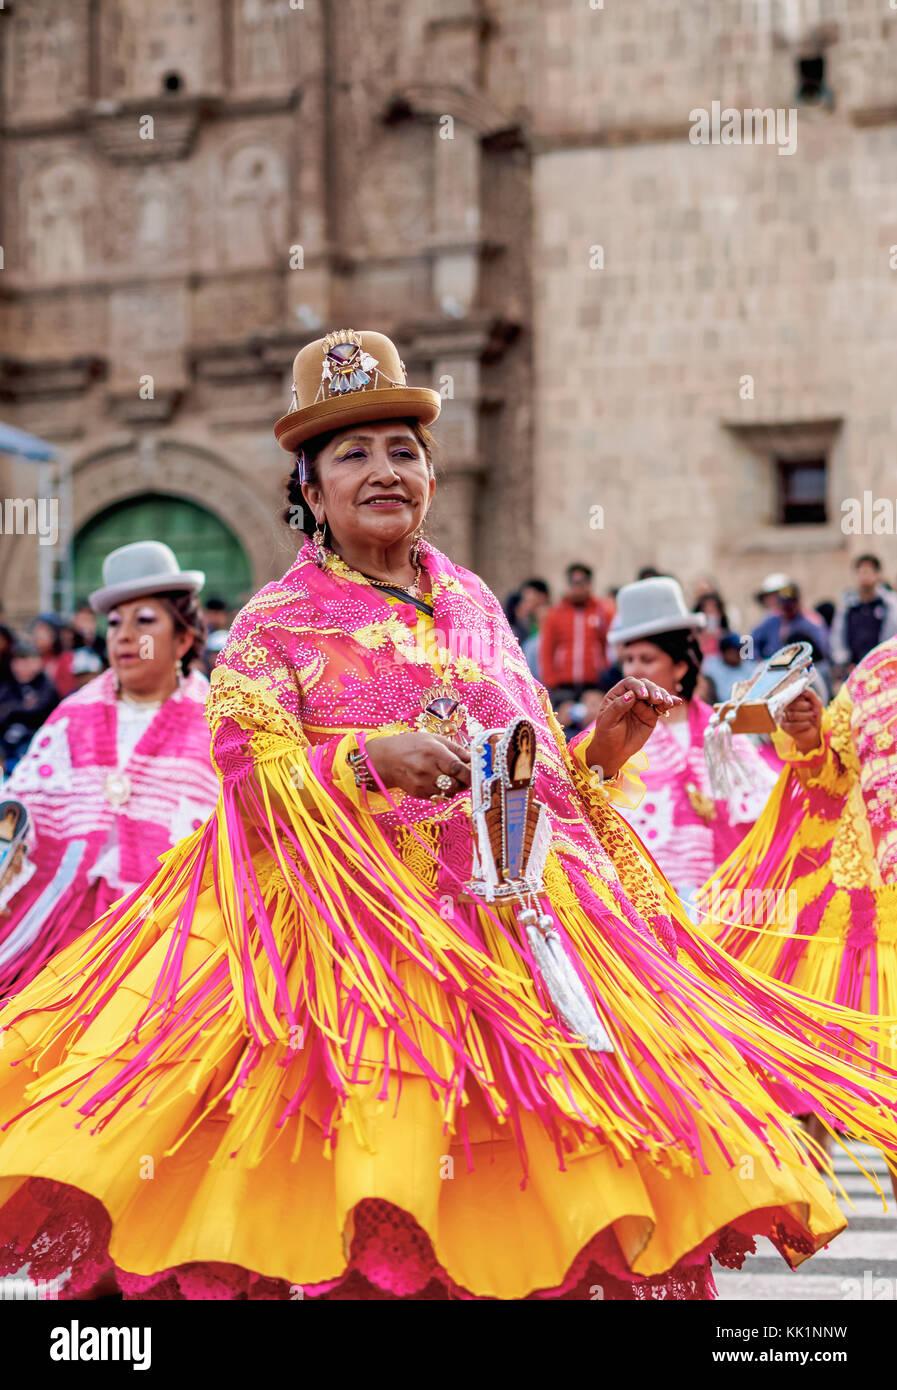 fa0f2c679a Peruvian Ladies Stock Photos   Peruvian Ladies Stock Images - Alamy